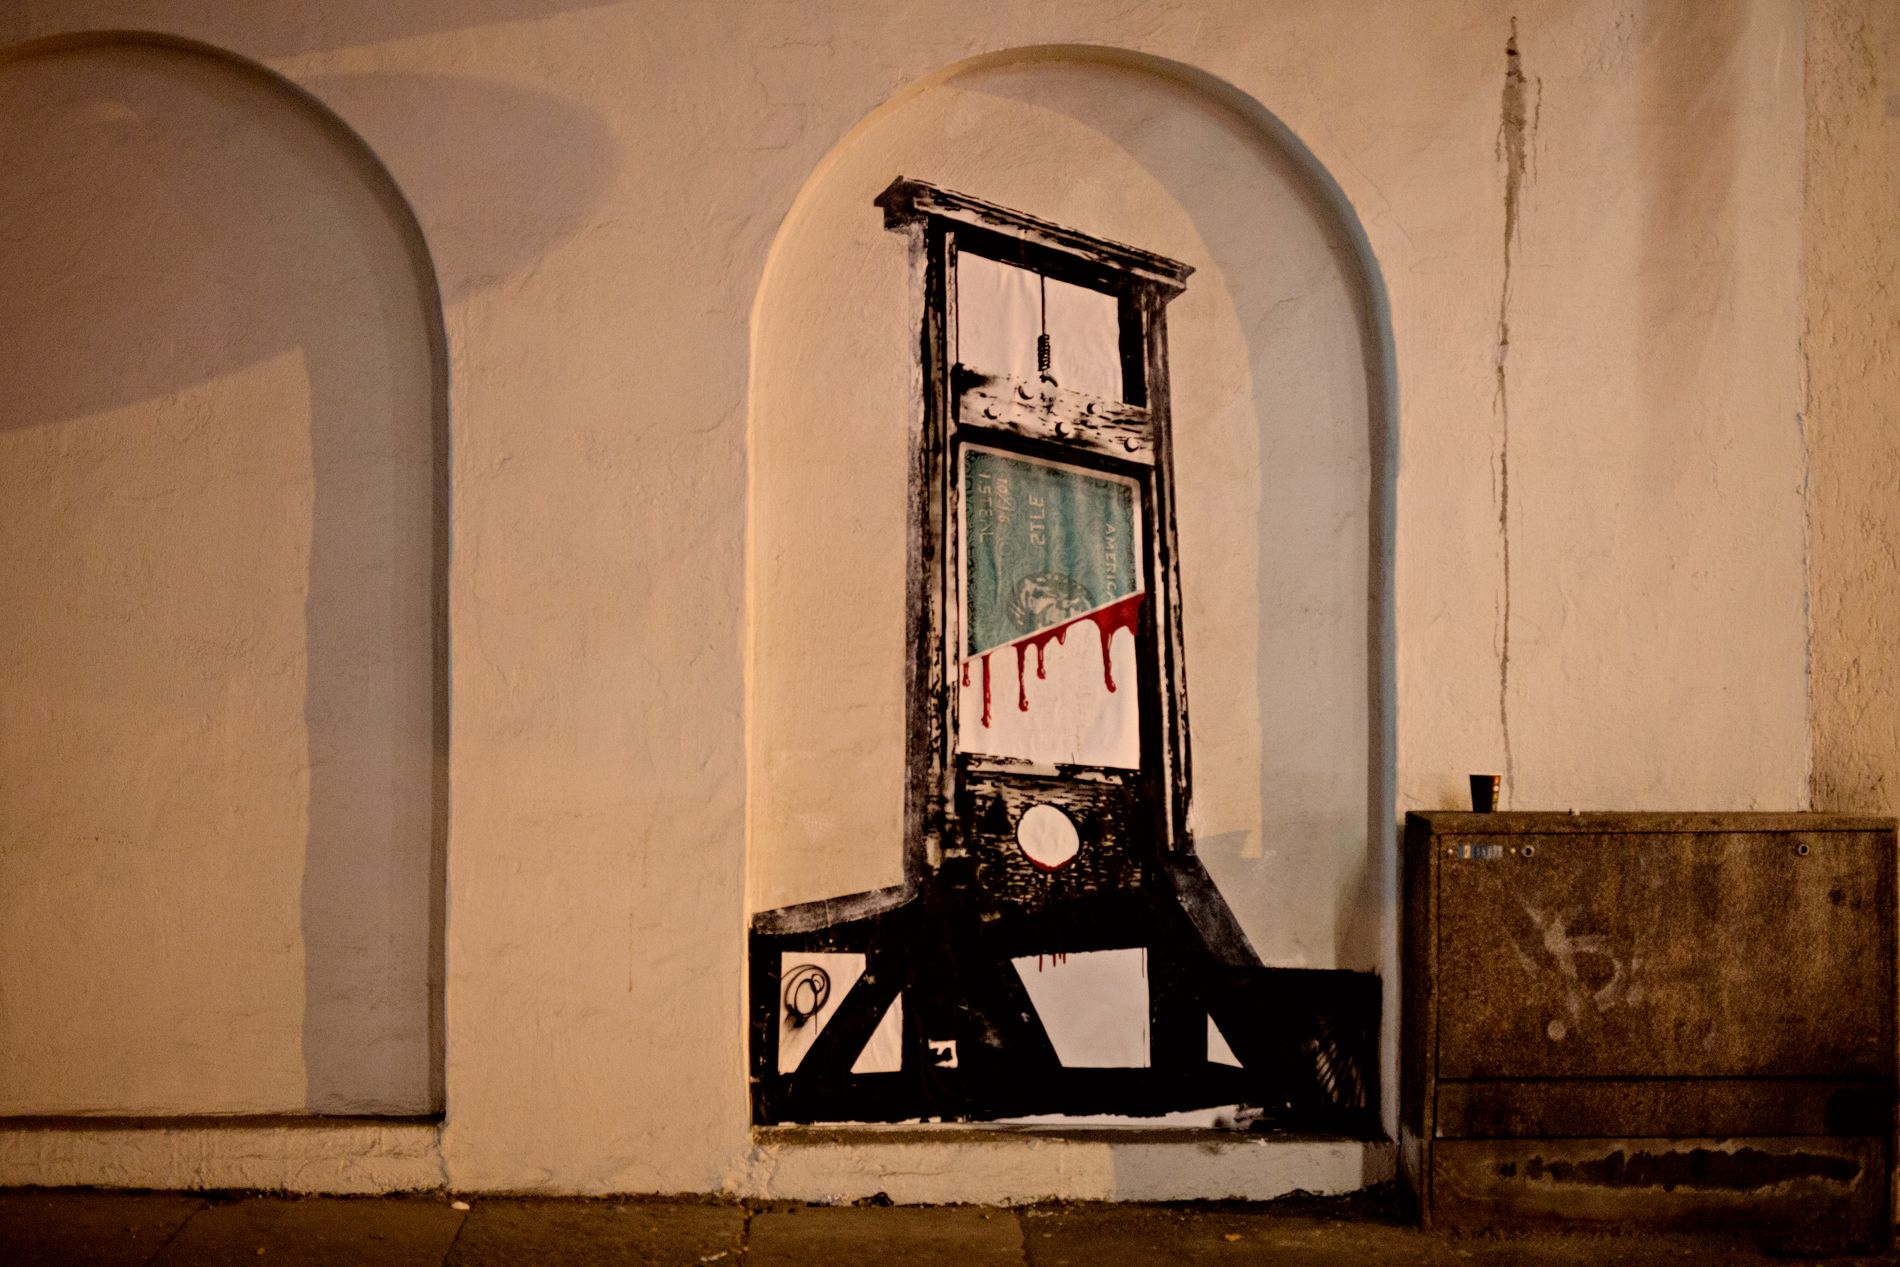 FLERE BIDRO: Også Nimi laget gatekunst i natt.